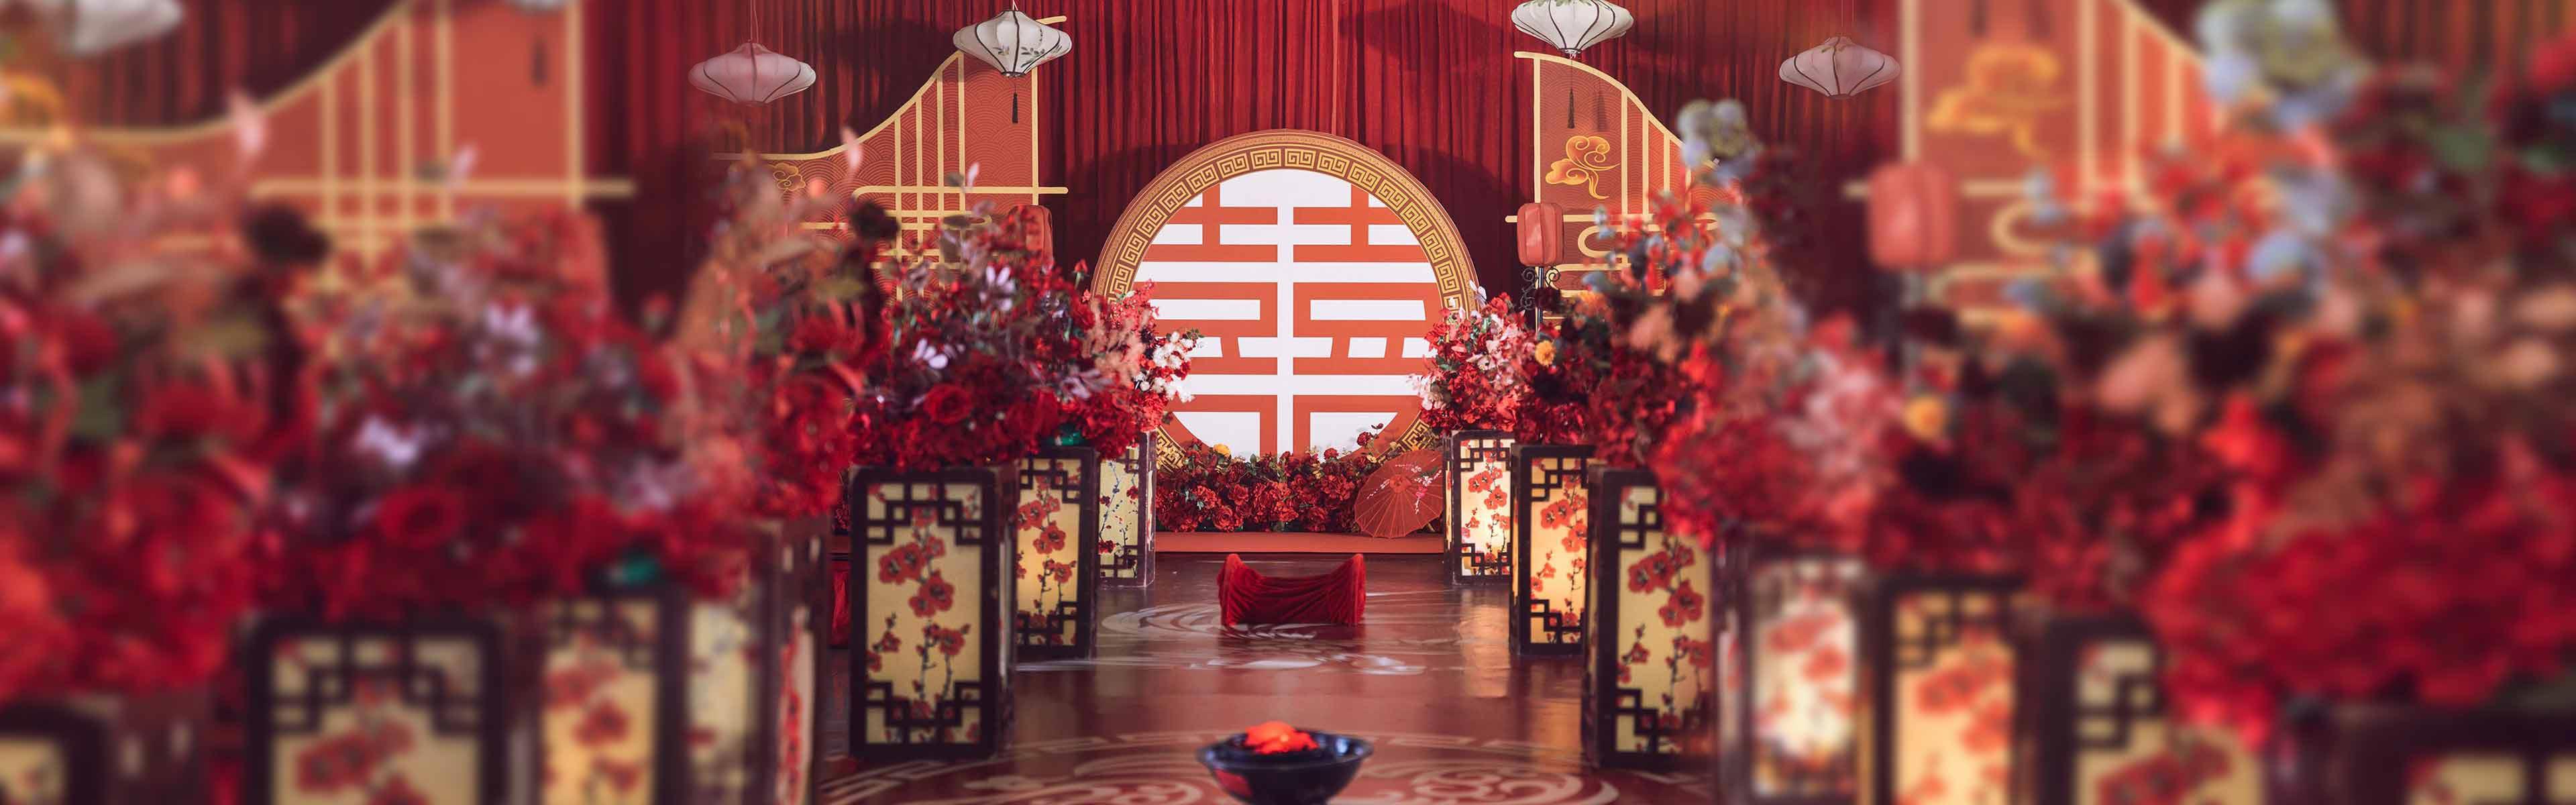 安仁县婚庆策划案例:如心如意 | 河南  郑州